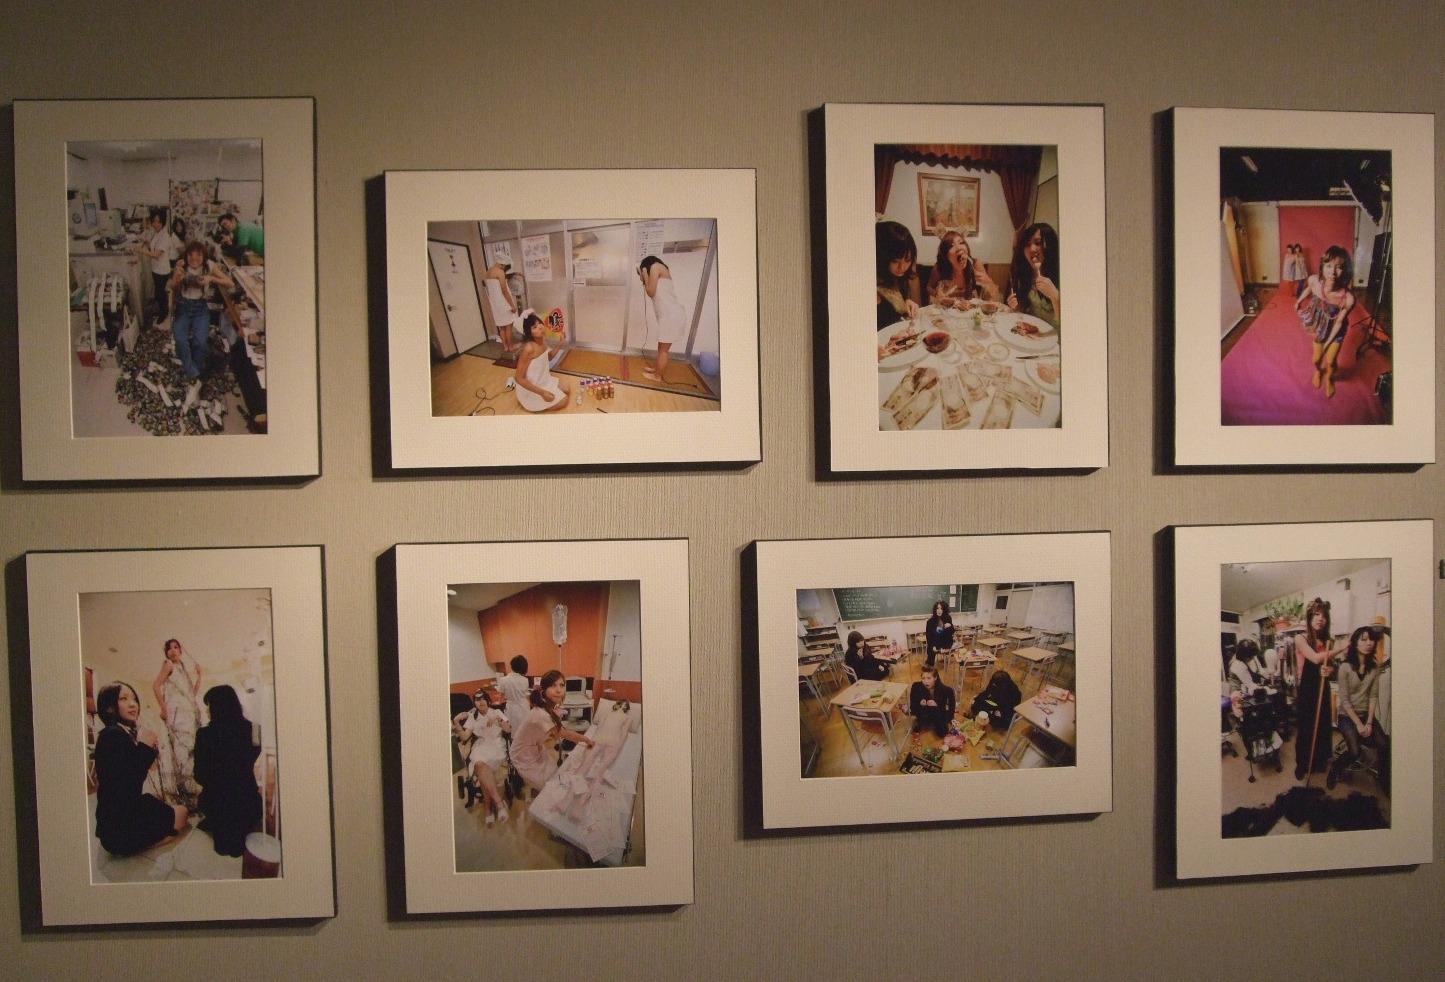 916) ①写真ライブラリー 「札幌ビジュアルアーツ写真学科 卒業制作写真展」 2月18日(火)~2月22日(日)_f0126829_23235267.jpg